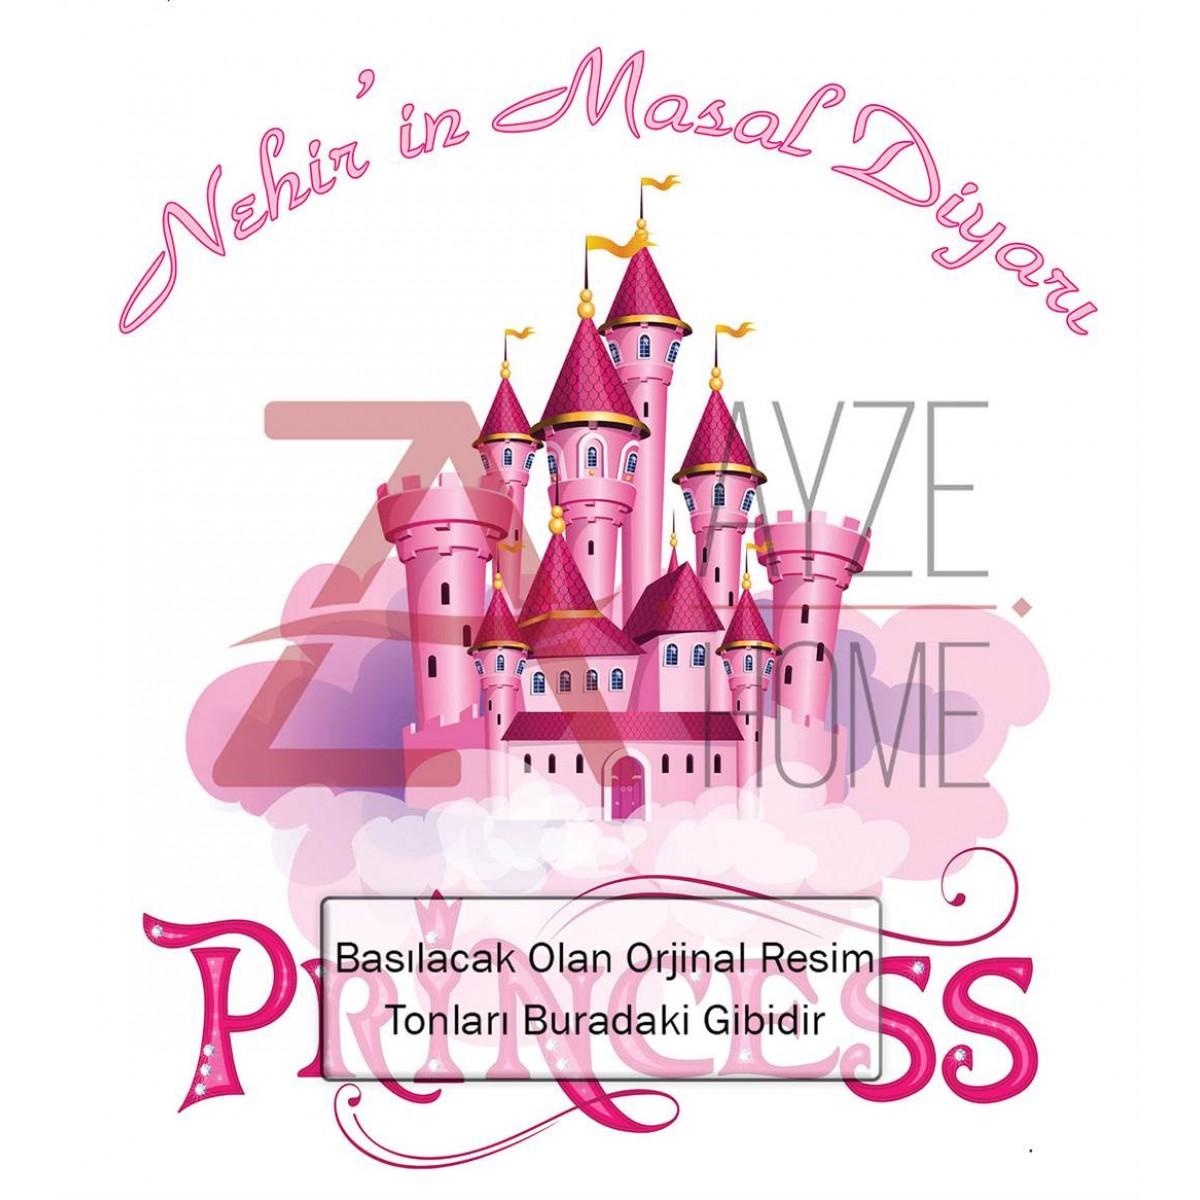 Kız Çocuk Odası - Prensesin Şatosu Baskılı Halı